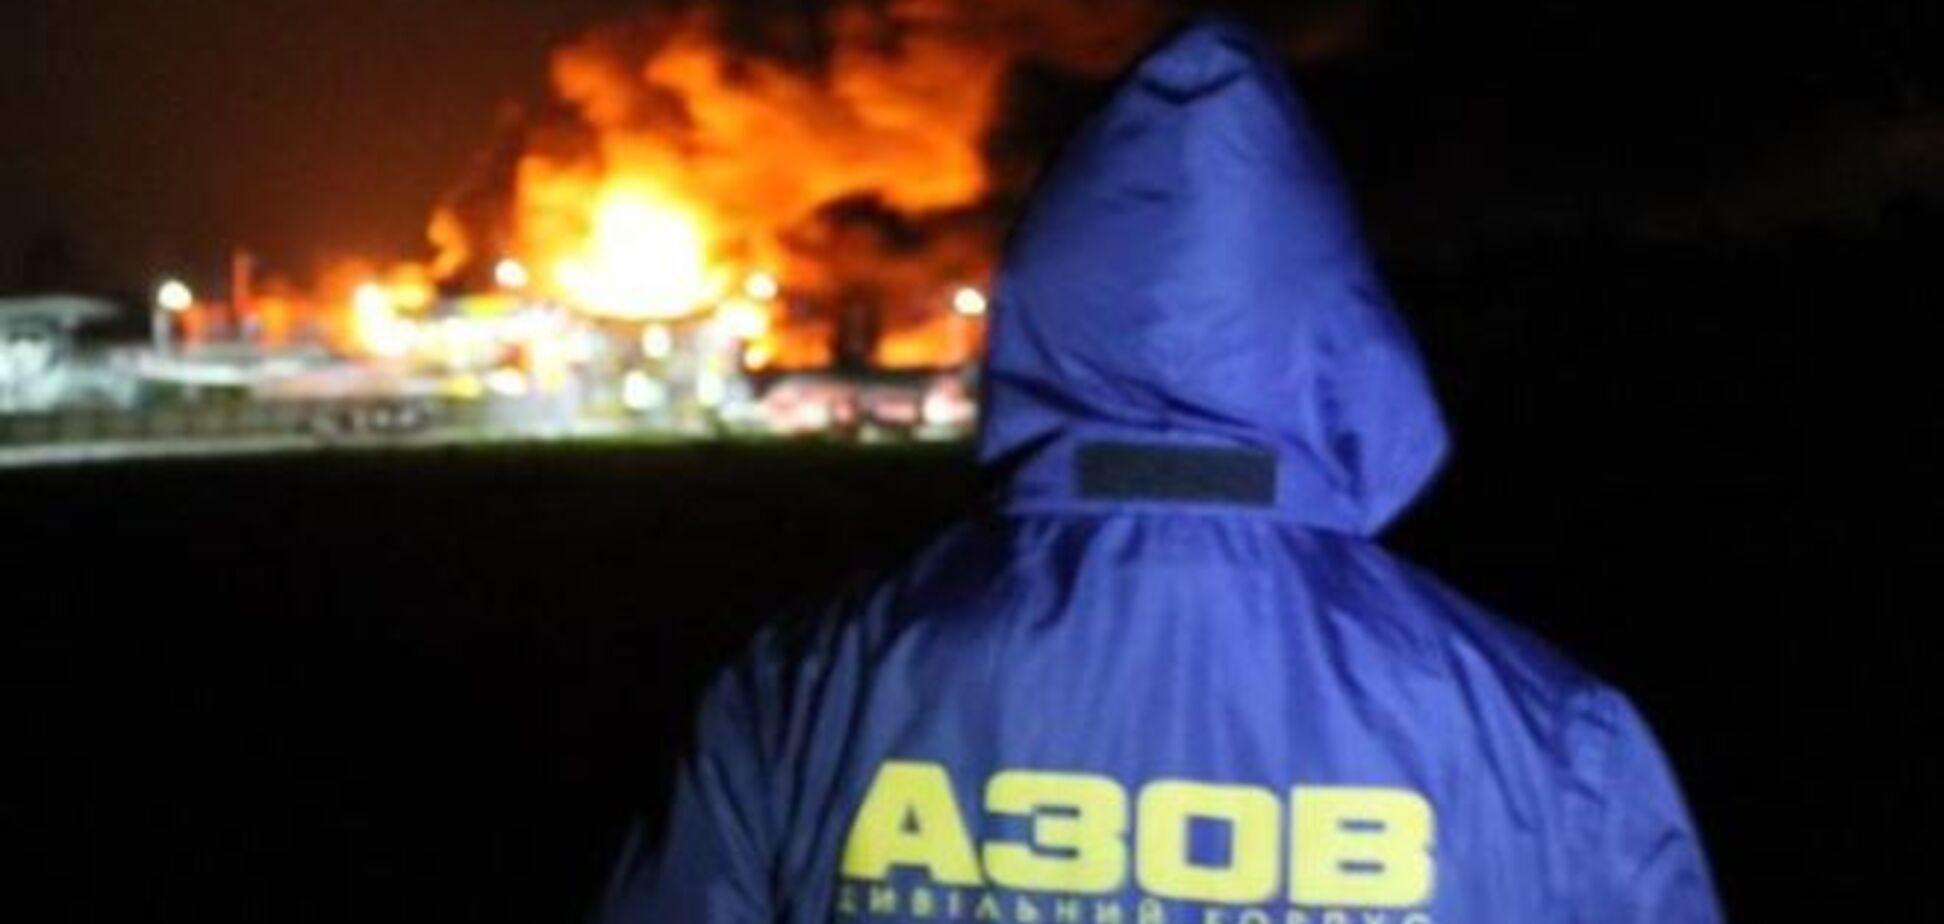 Второй фронт: 'Азов' показал фото ликвидации пожара в Василькове